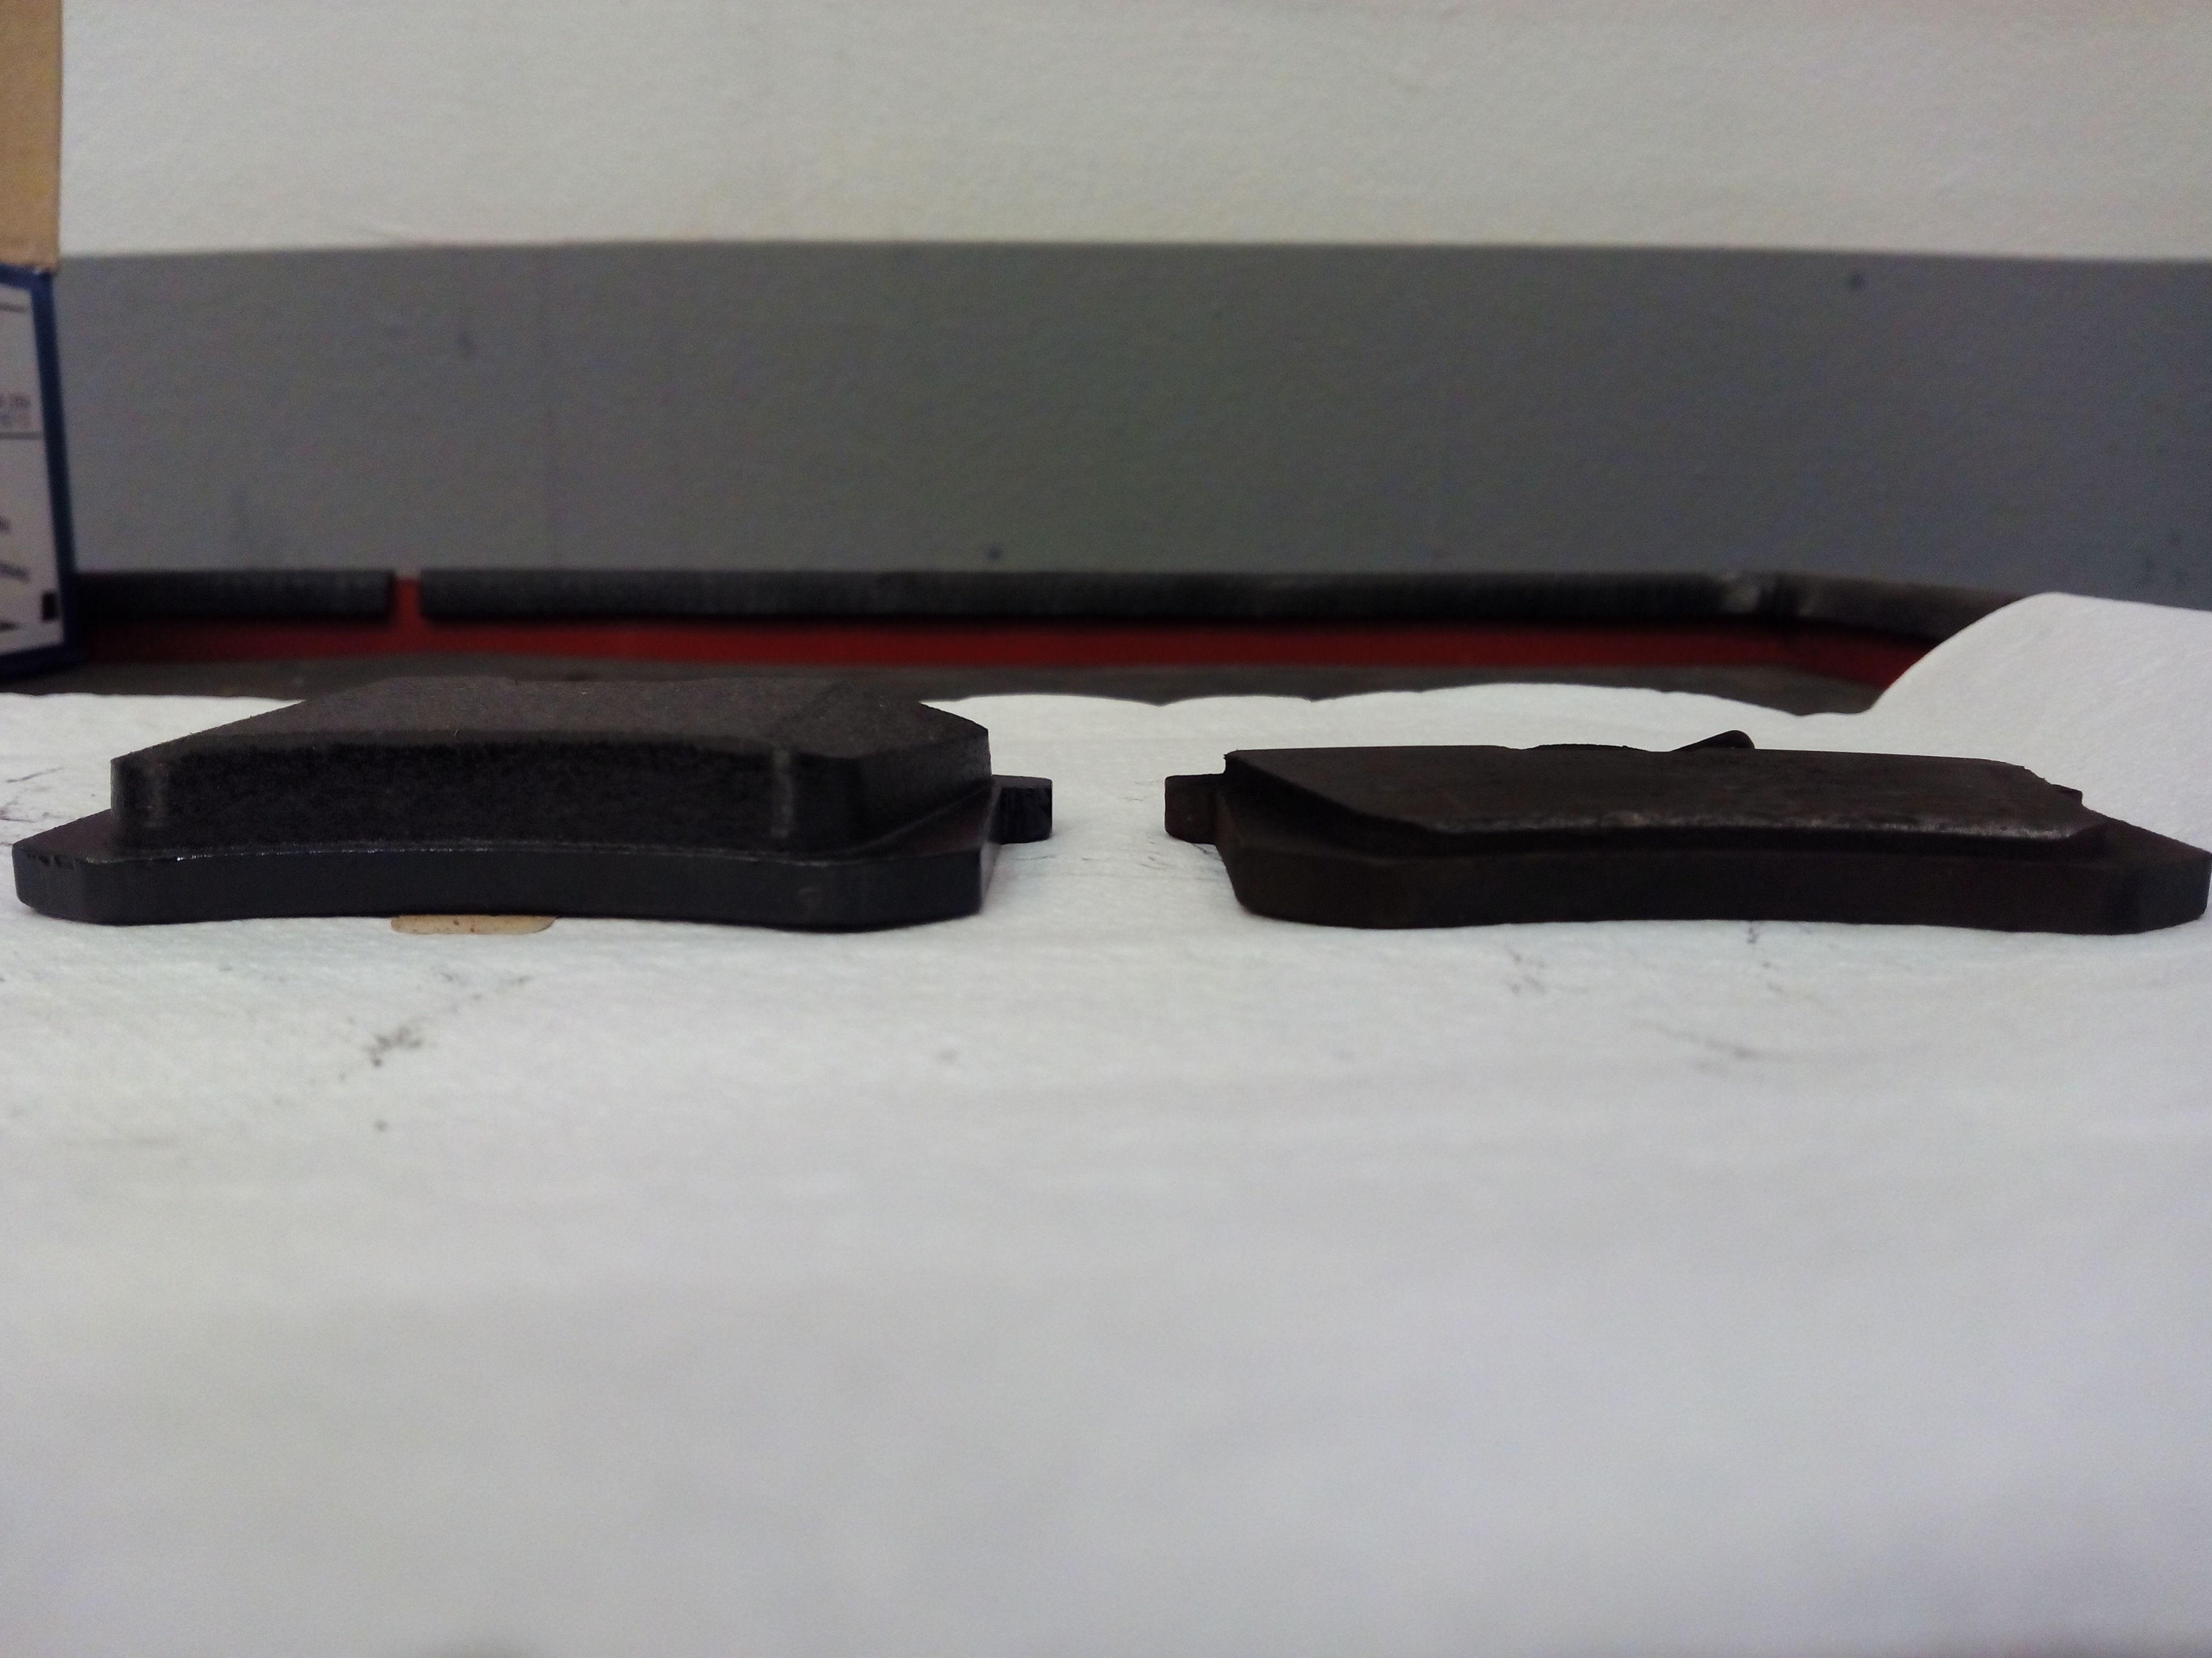 Pastilla de freno nueva (Izquierda) / Pastilla de freno deteriorada (Derecha).